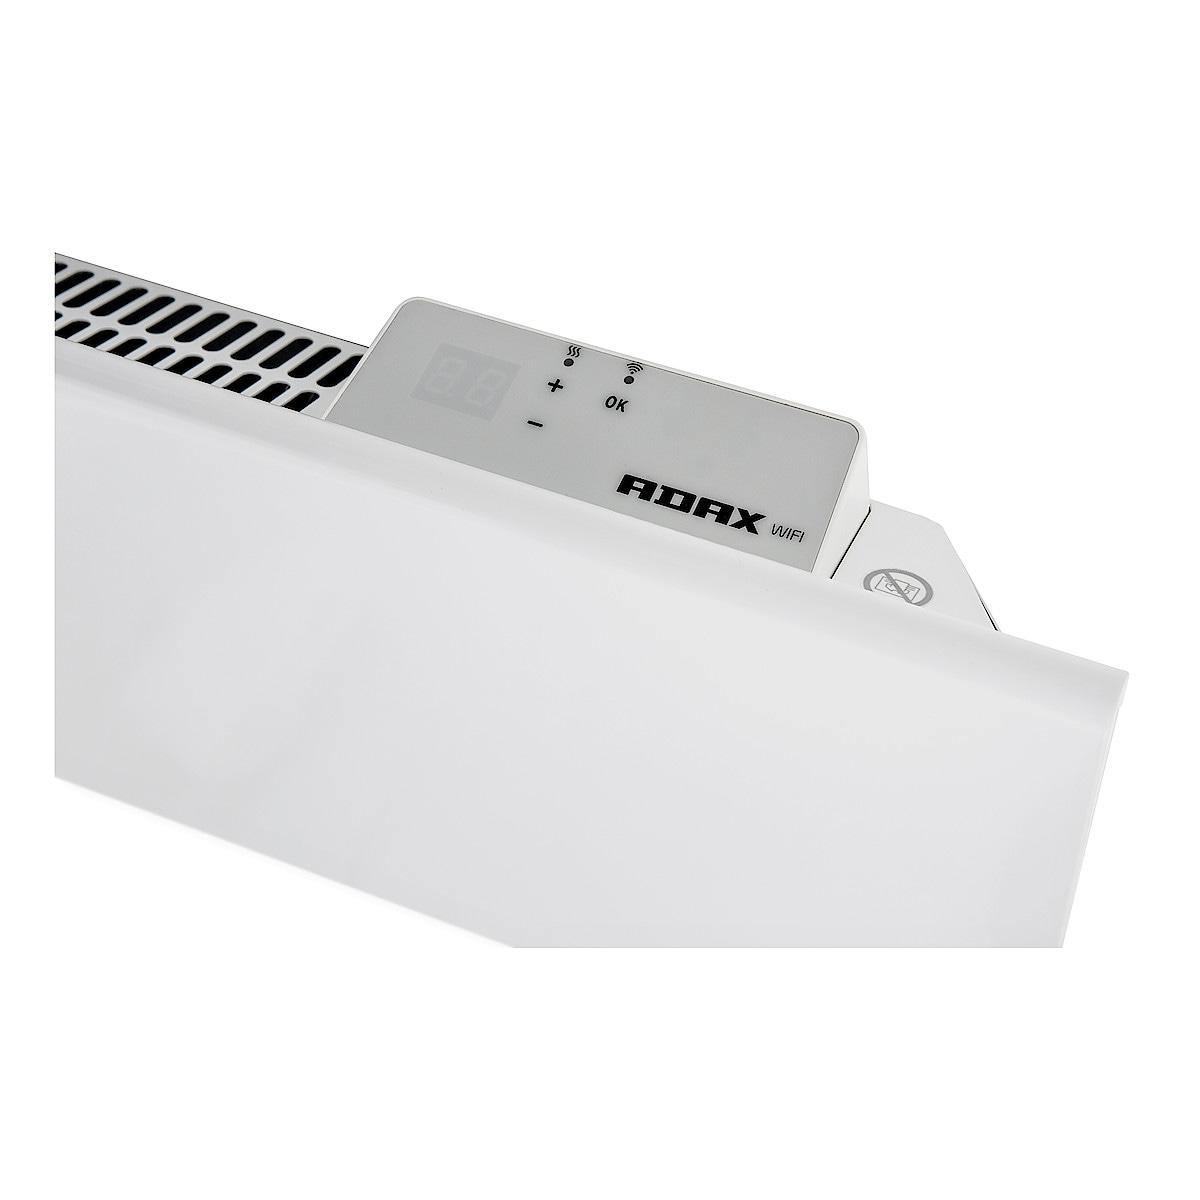 Adax Neo H06KWT 600 W 230 V varmeovn med WiFi